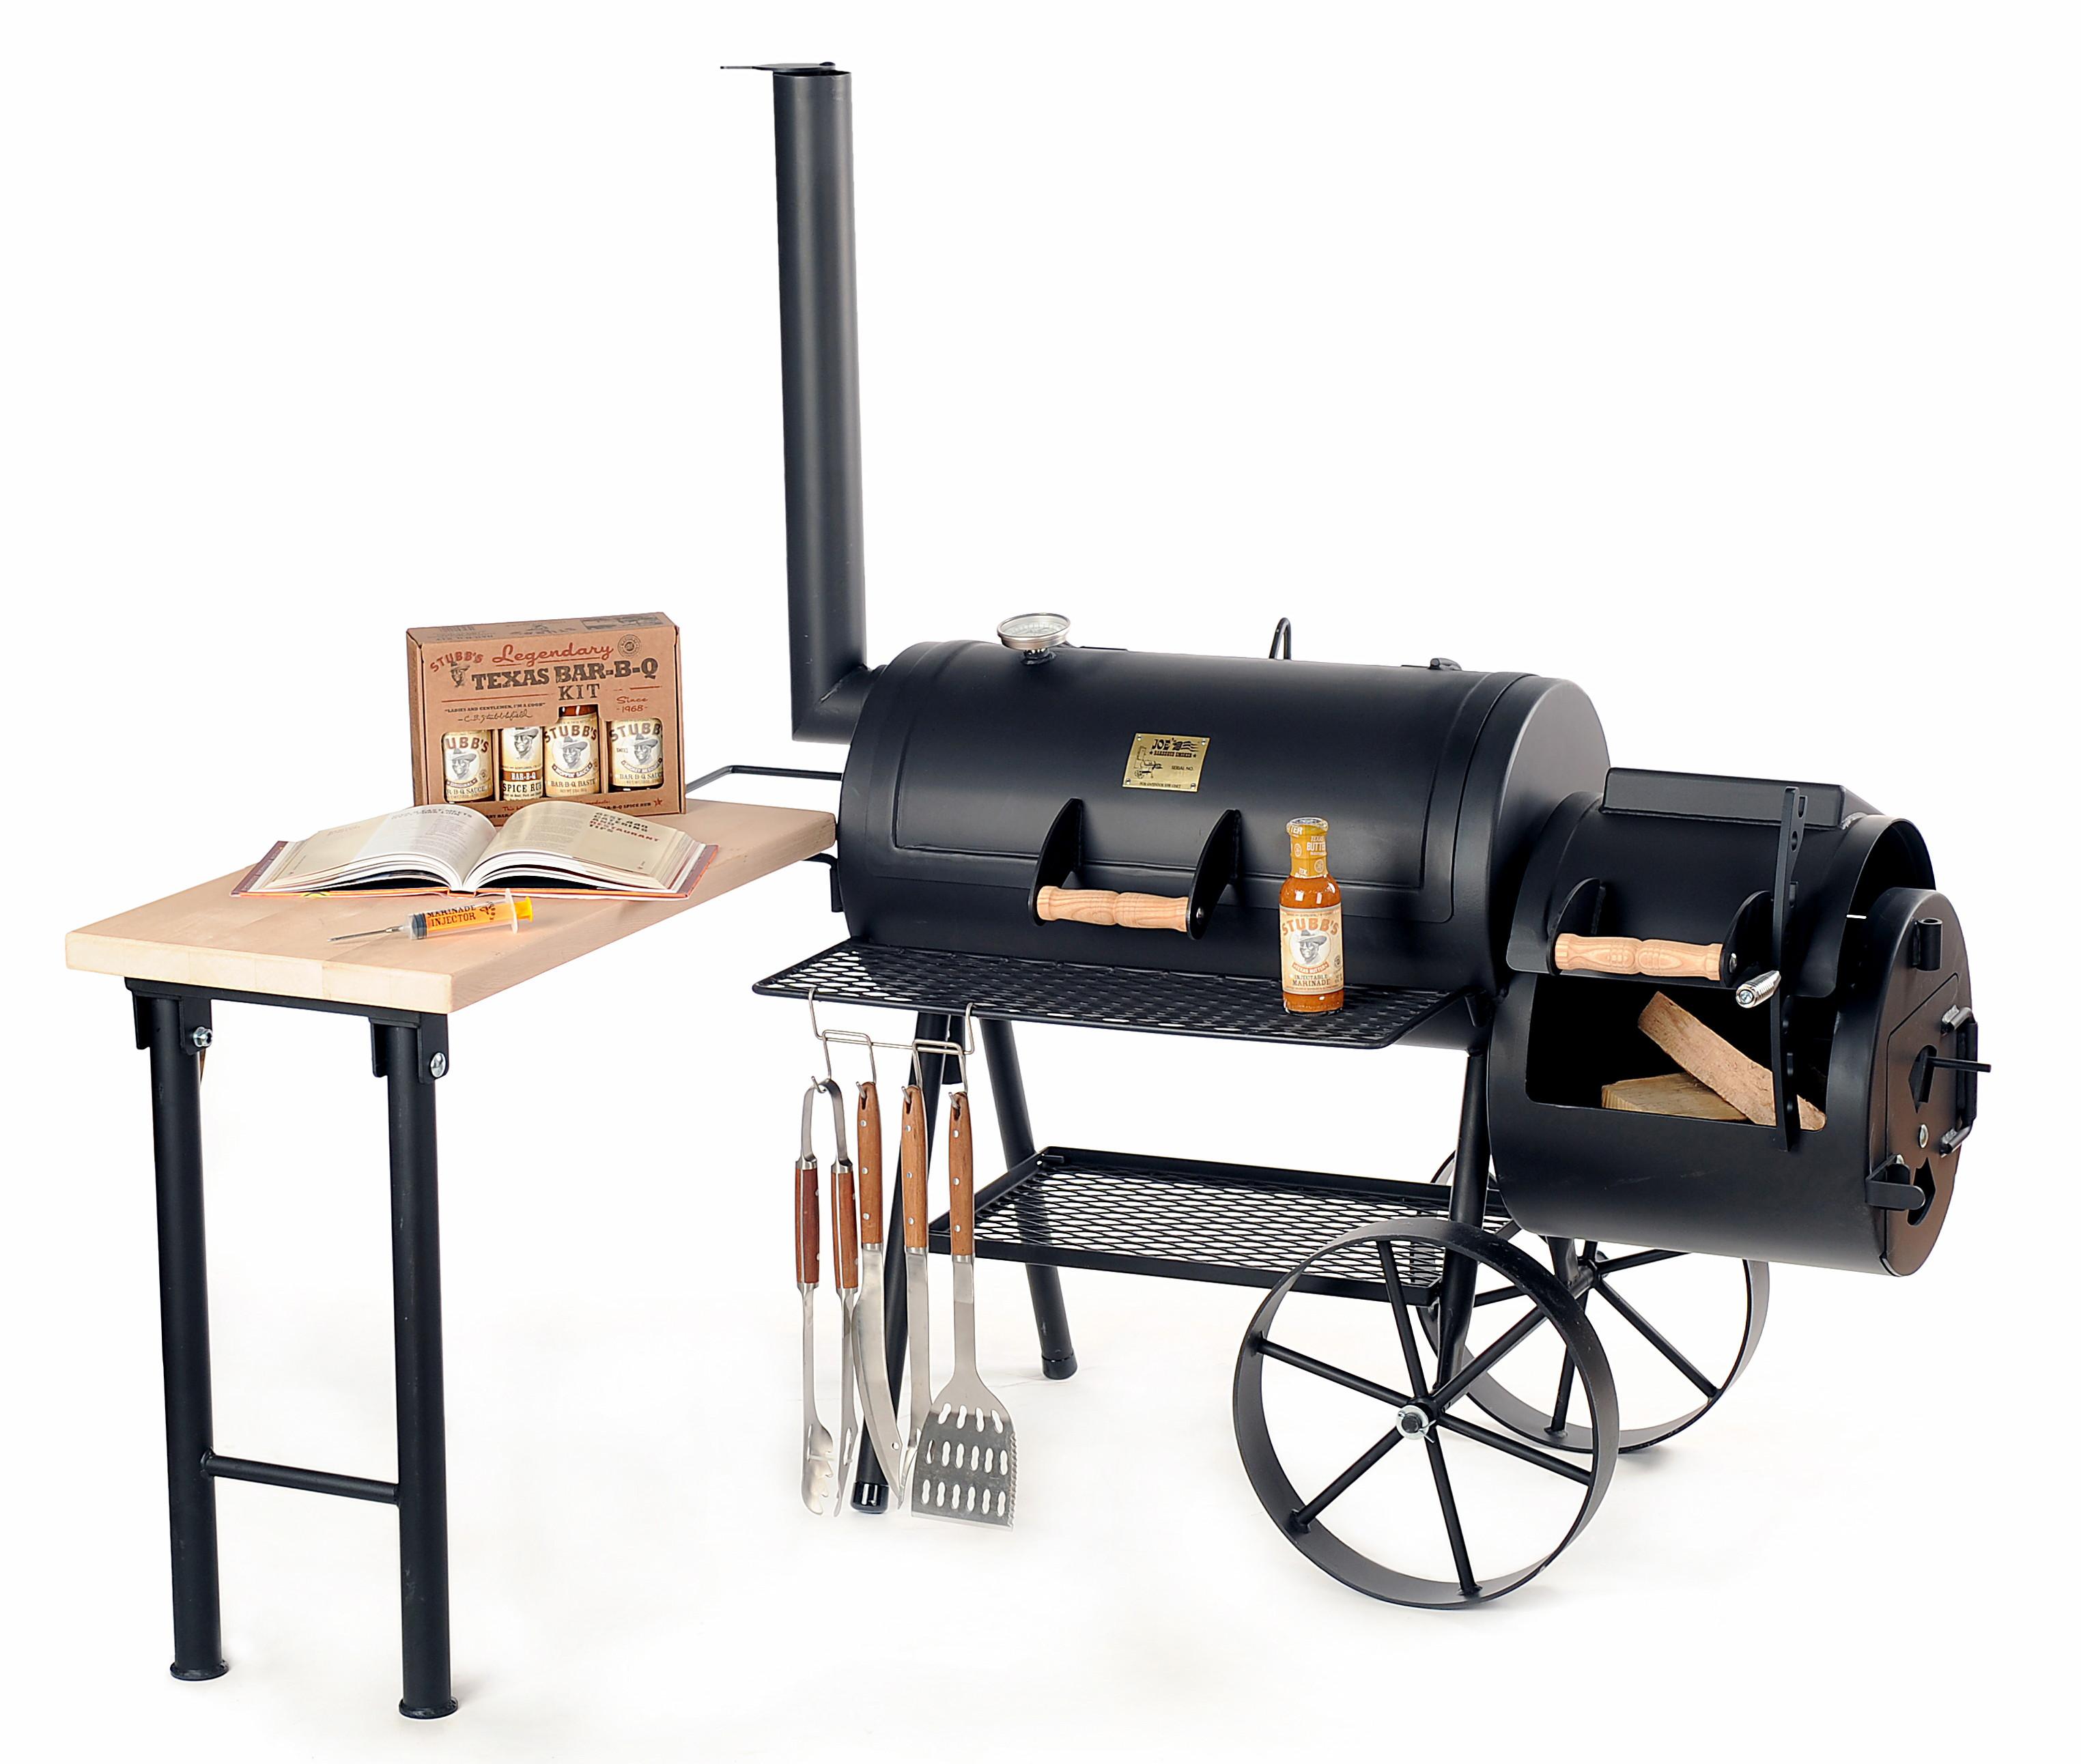 Joe-s-Barbeque-Smoker-mit-Deko